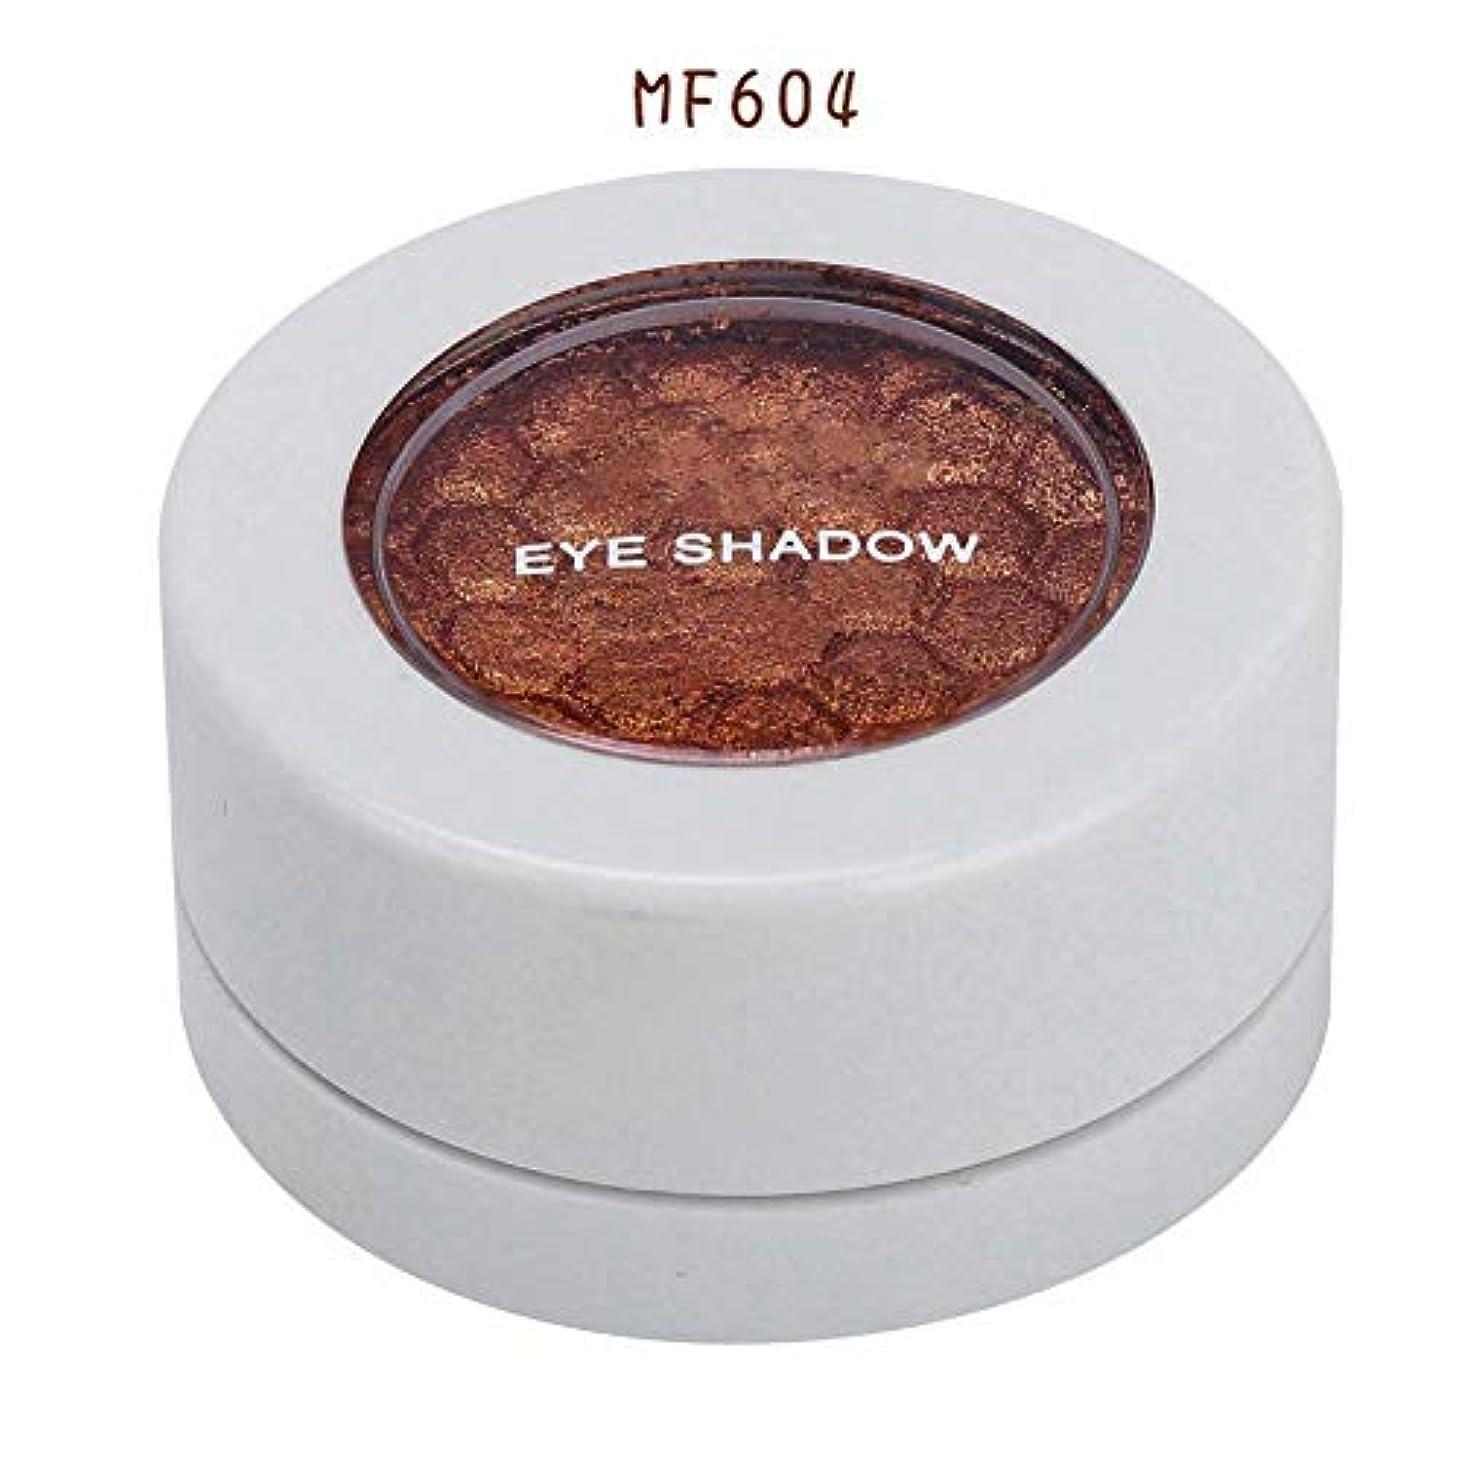 増強思い出すアルファベット4色 アイシャドウパレット アイシャドウパレット 化粧品ツール 化粧マットグロス アイシャドウパウダー (MF604)